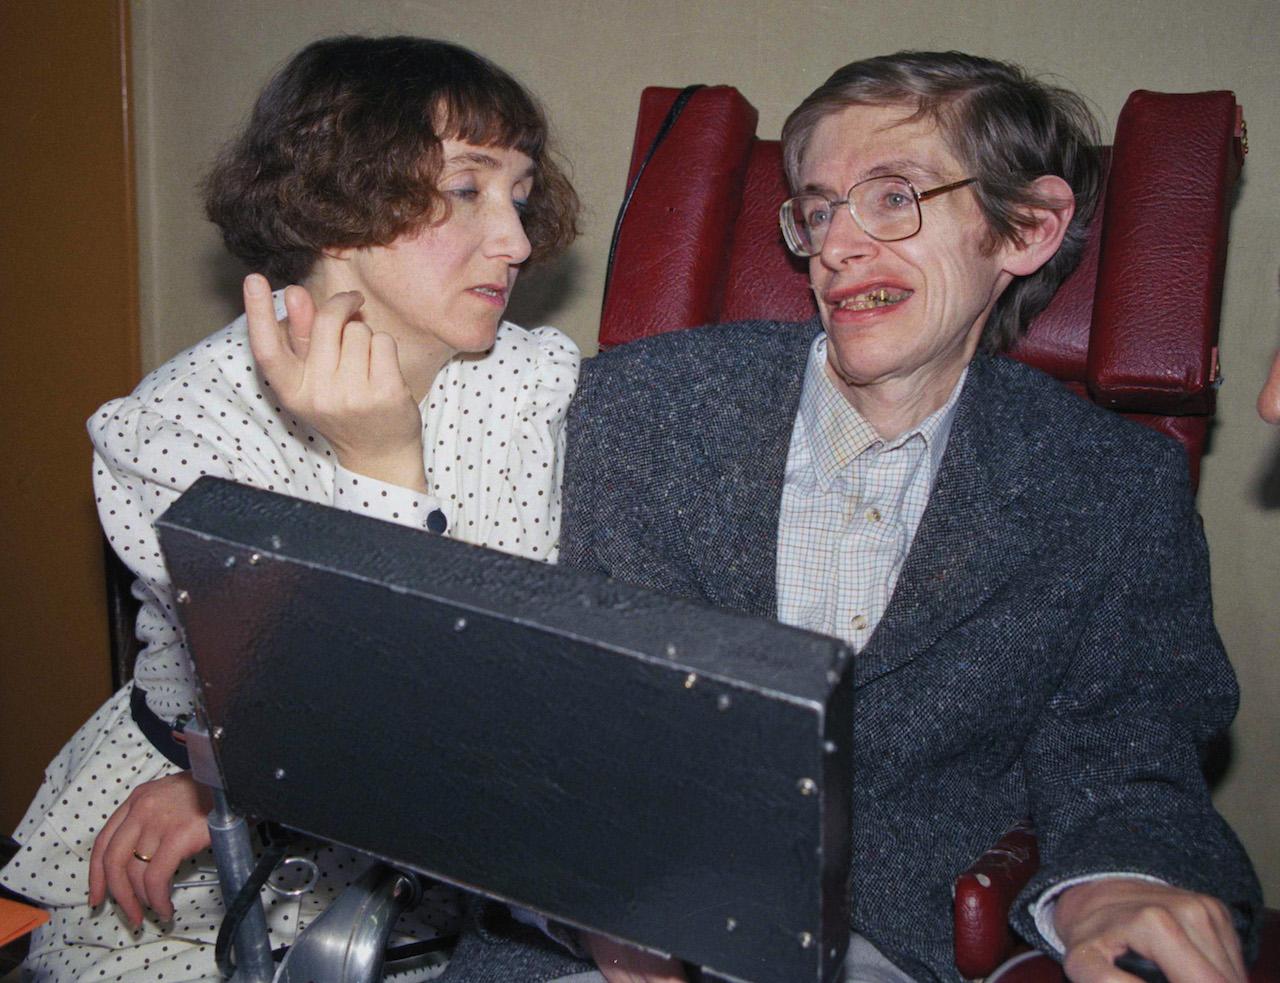 Stephen-Hawking-2001-tiempo-espacio-frontera